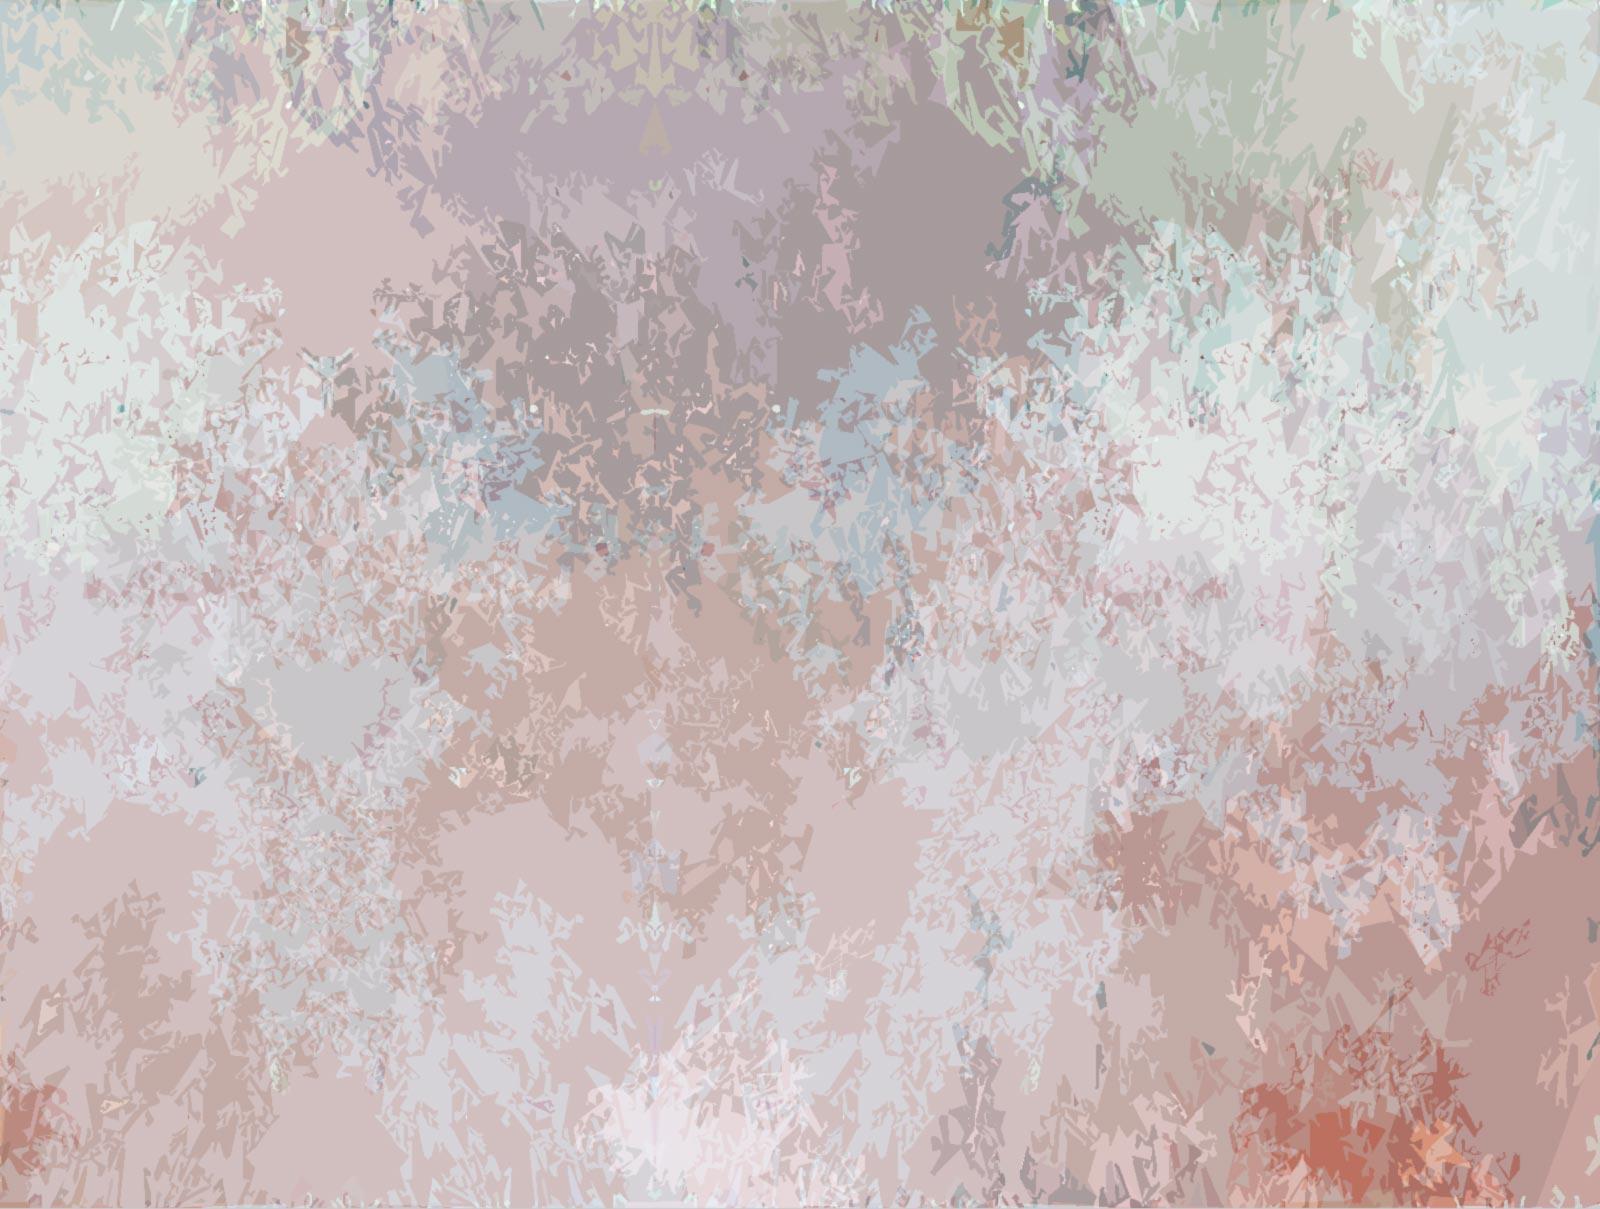 Textura con manchas de colores